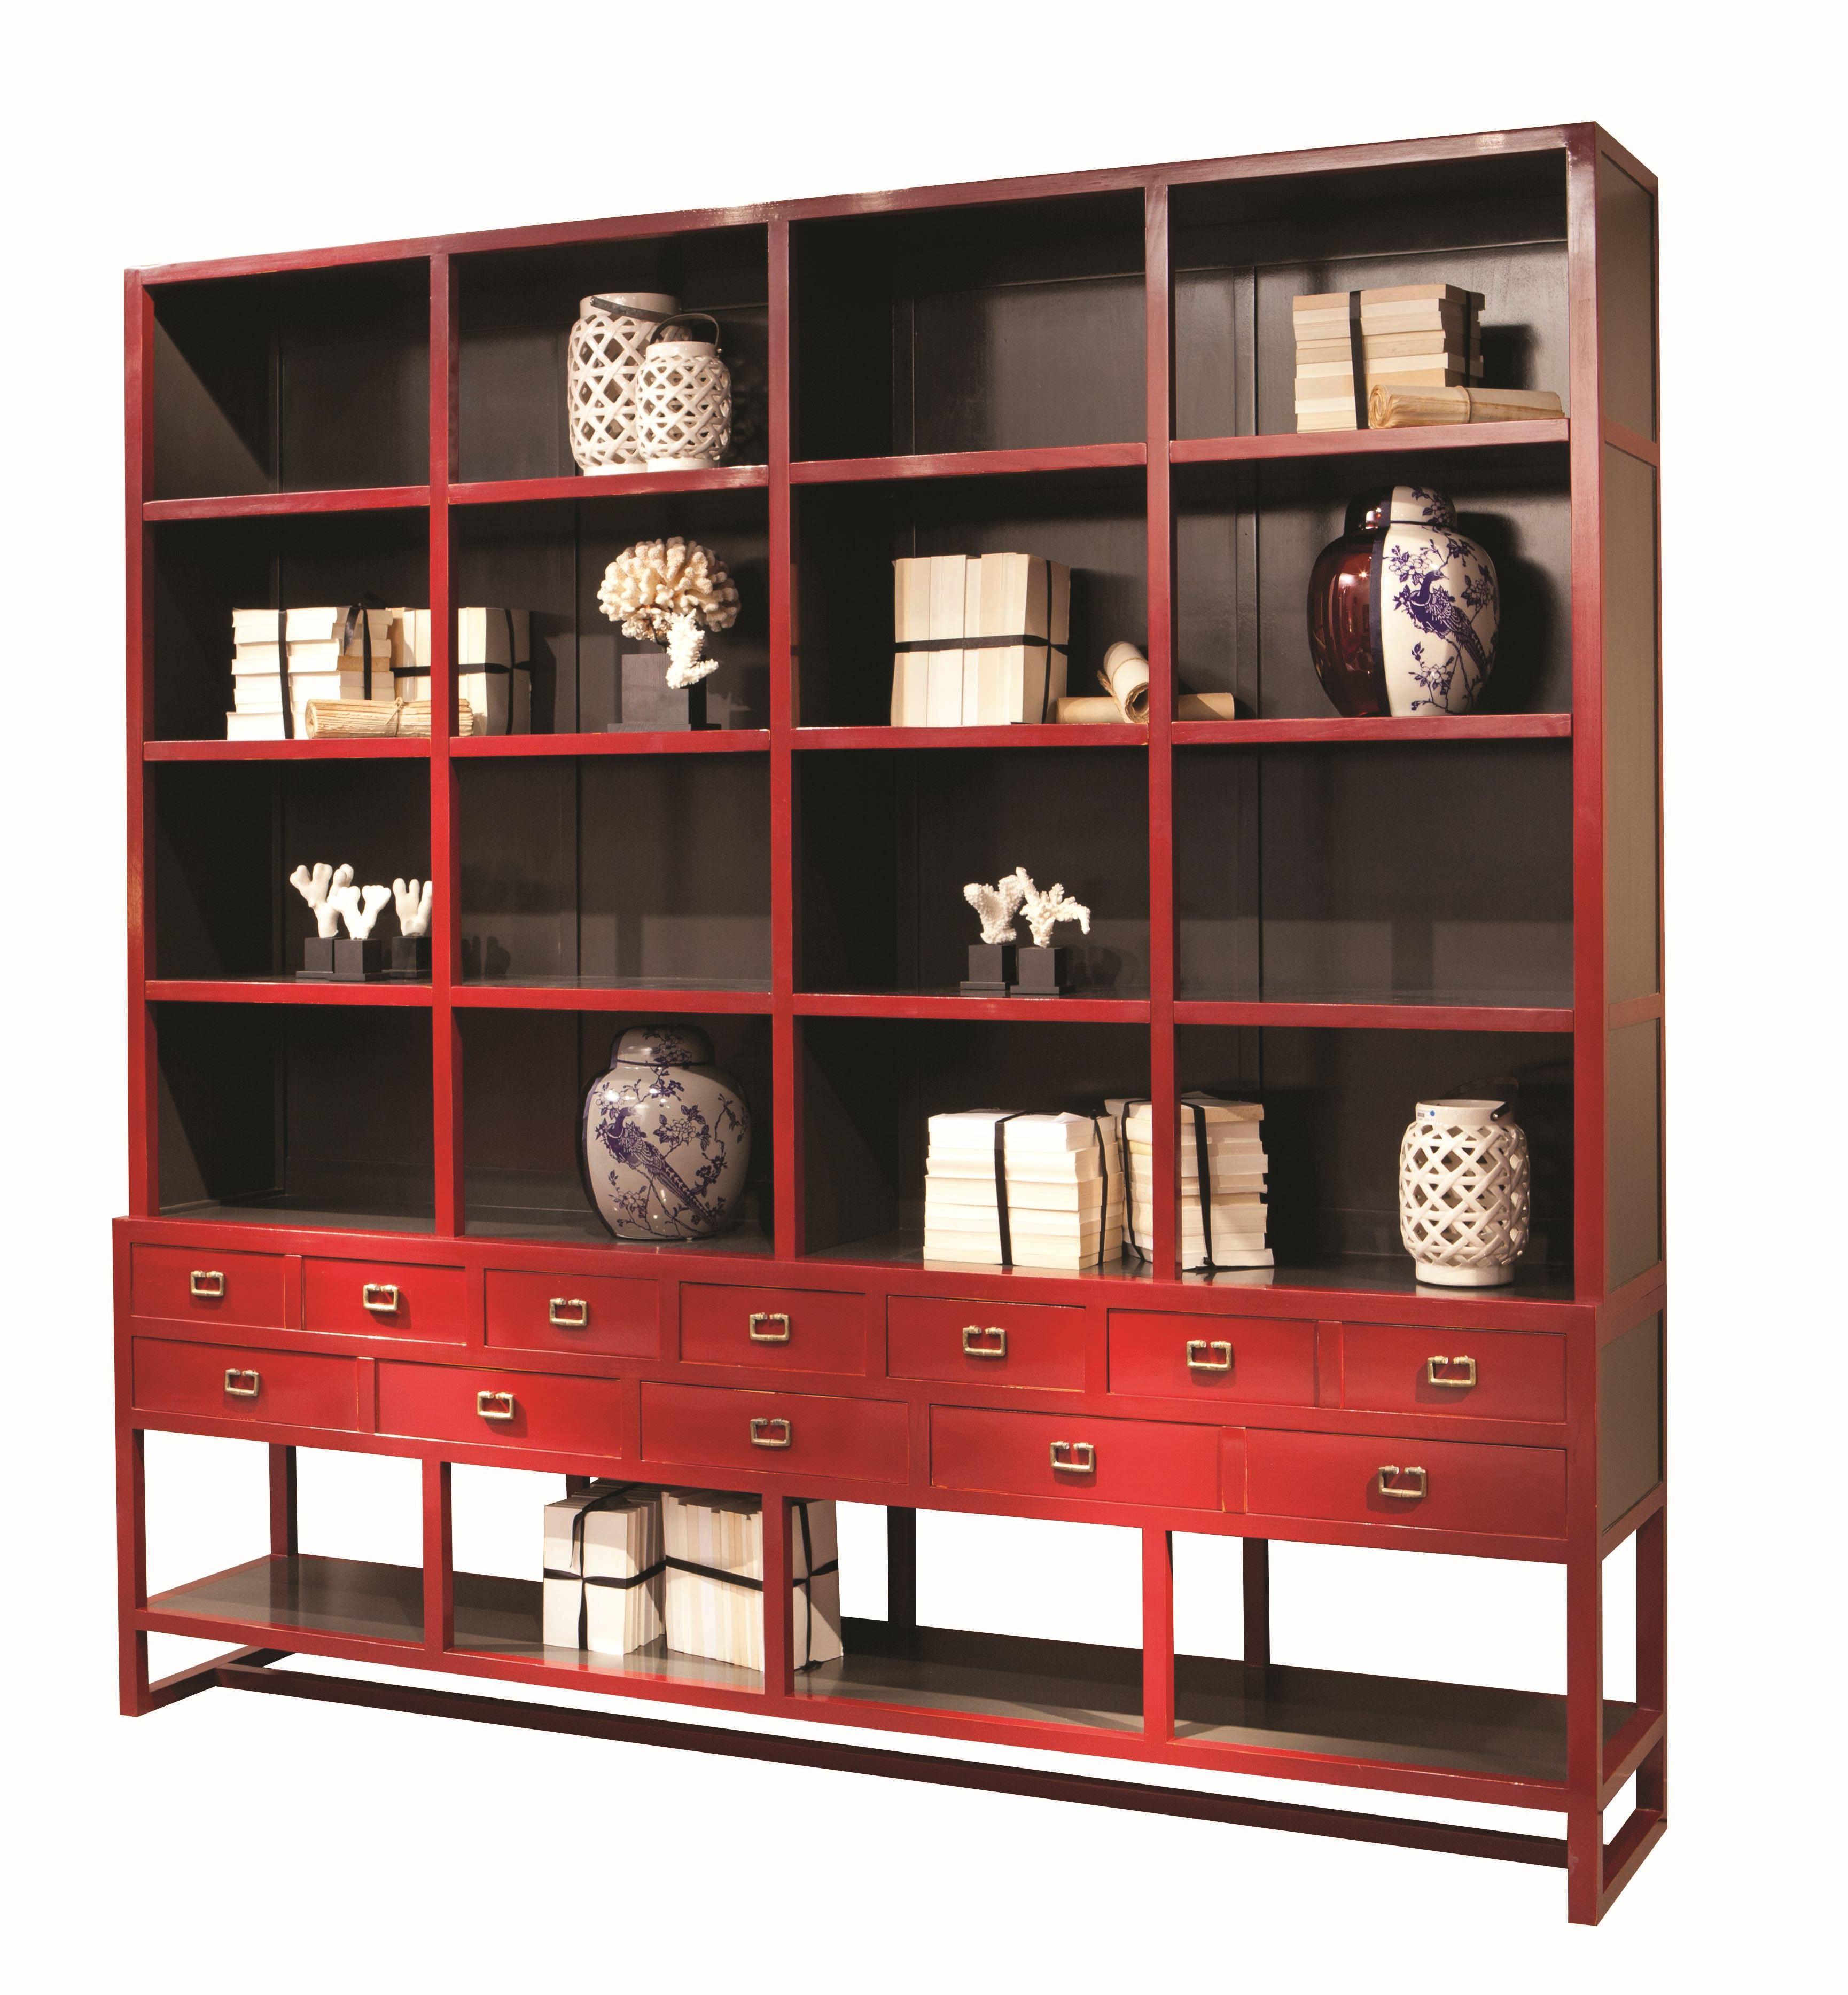 Libreria a giorno in legno con cassetti jules collezione for Libreria roche bobois